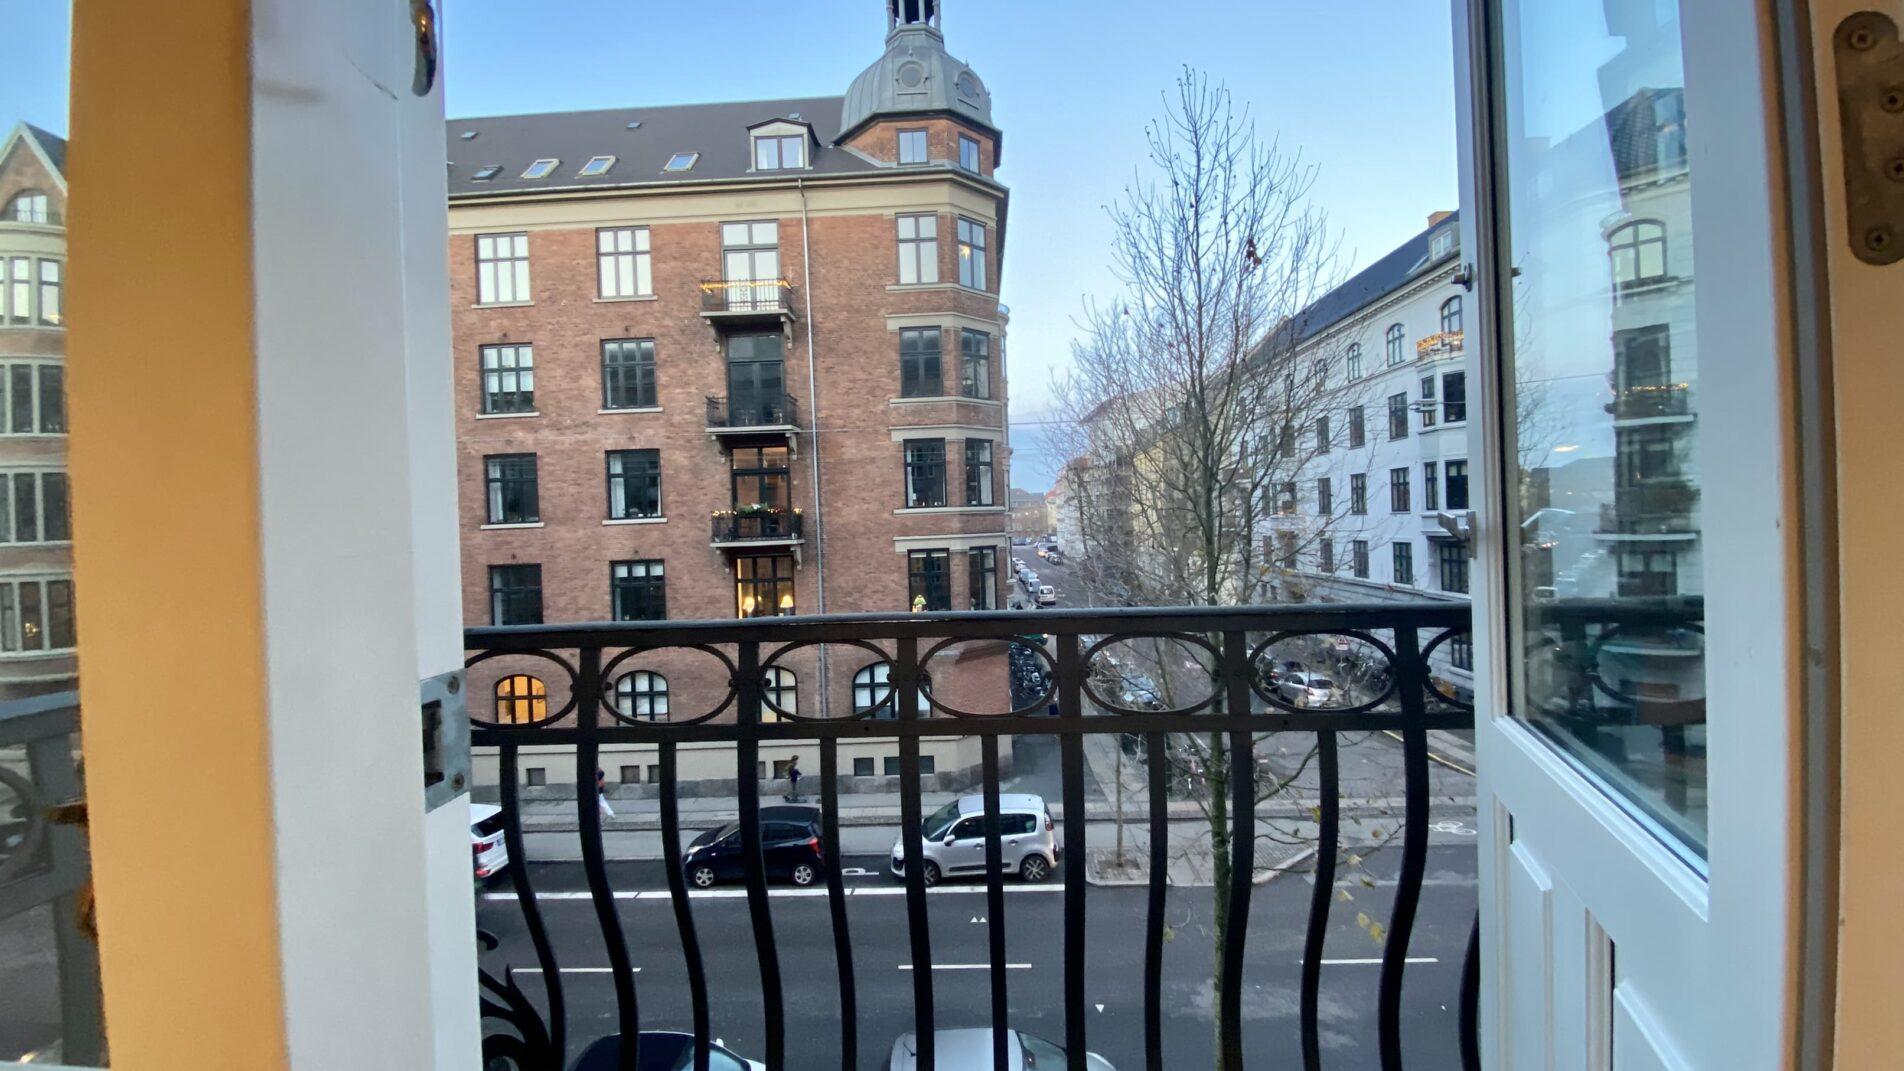 Balcony-1904x1071